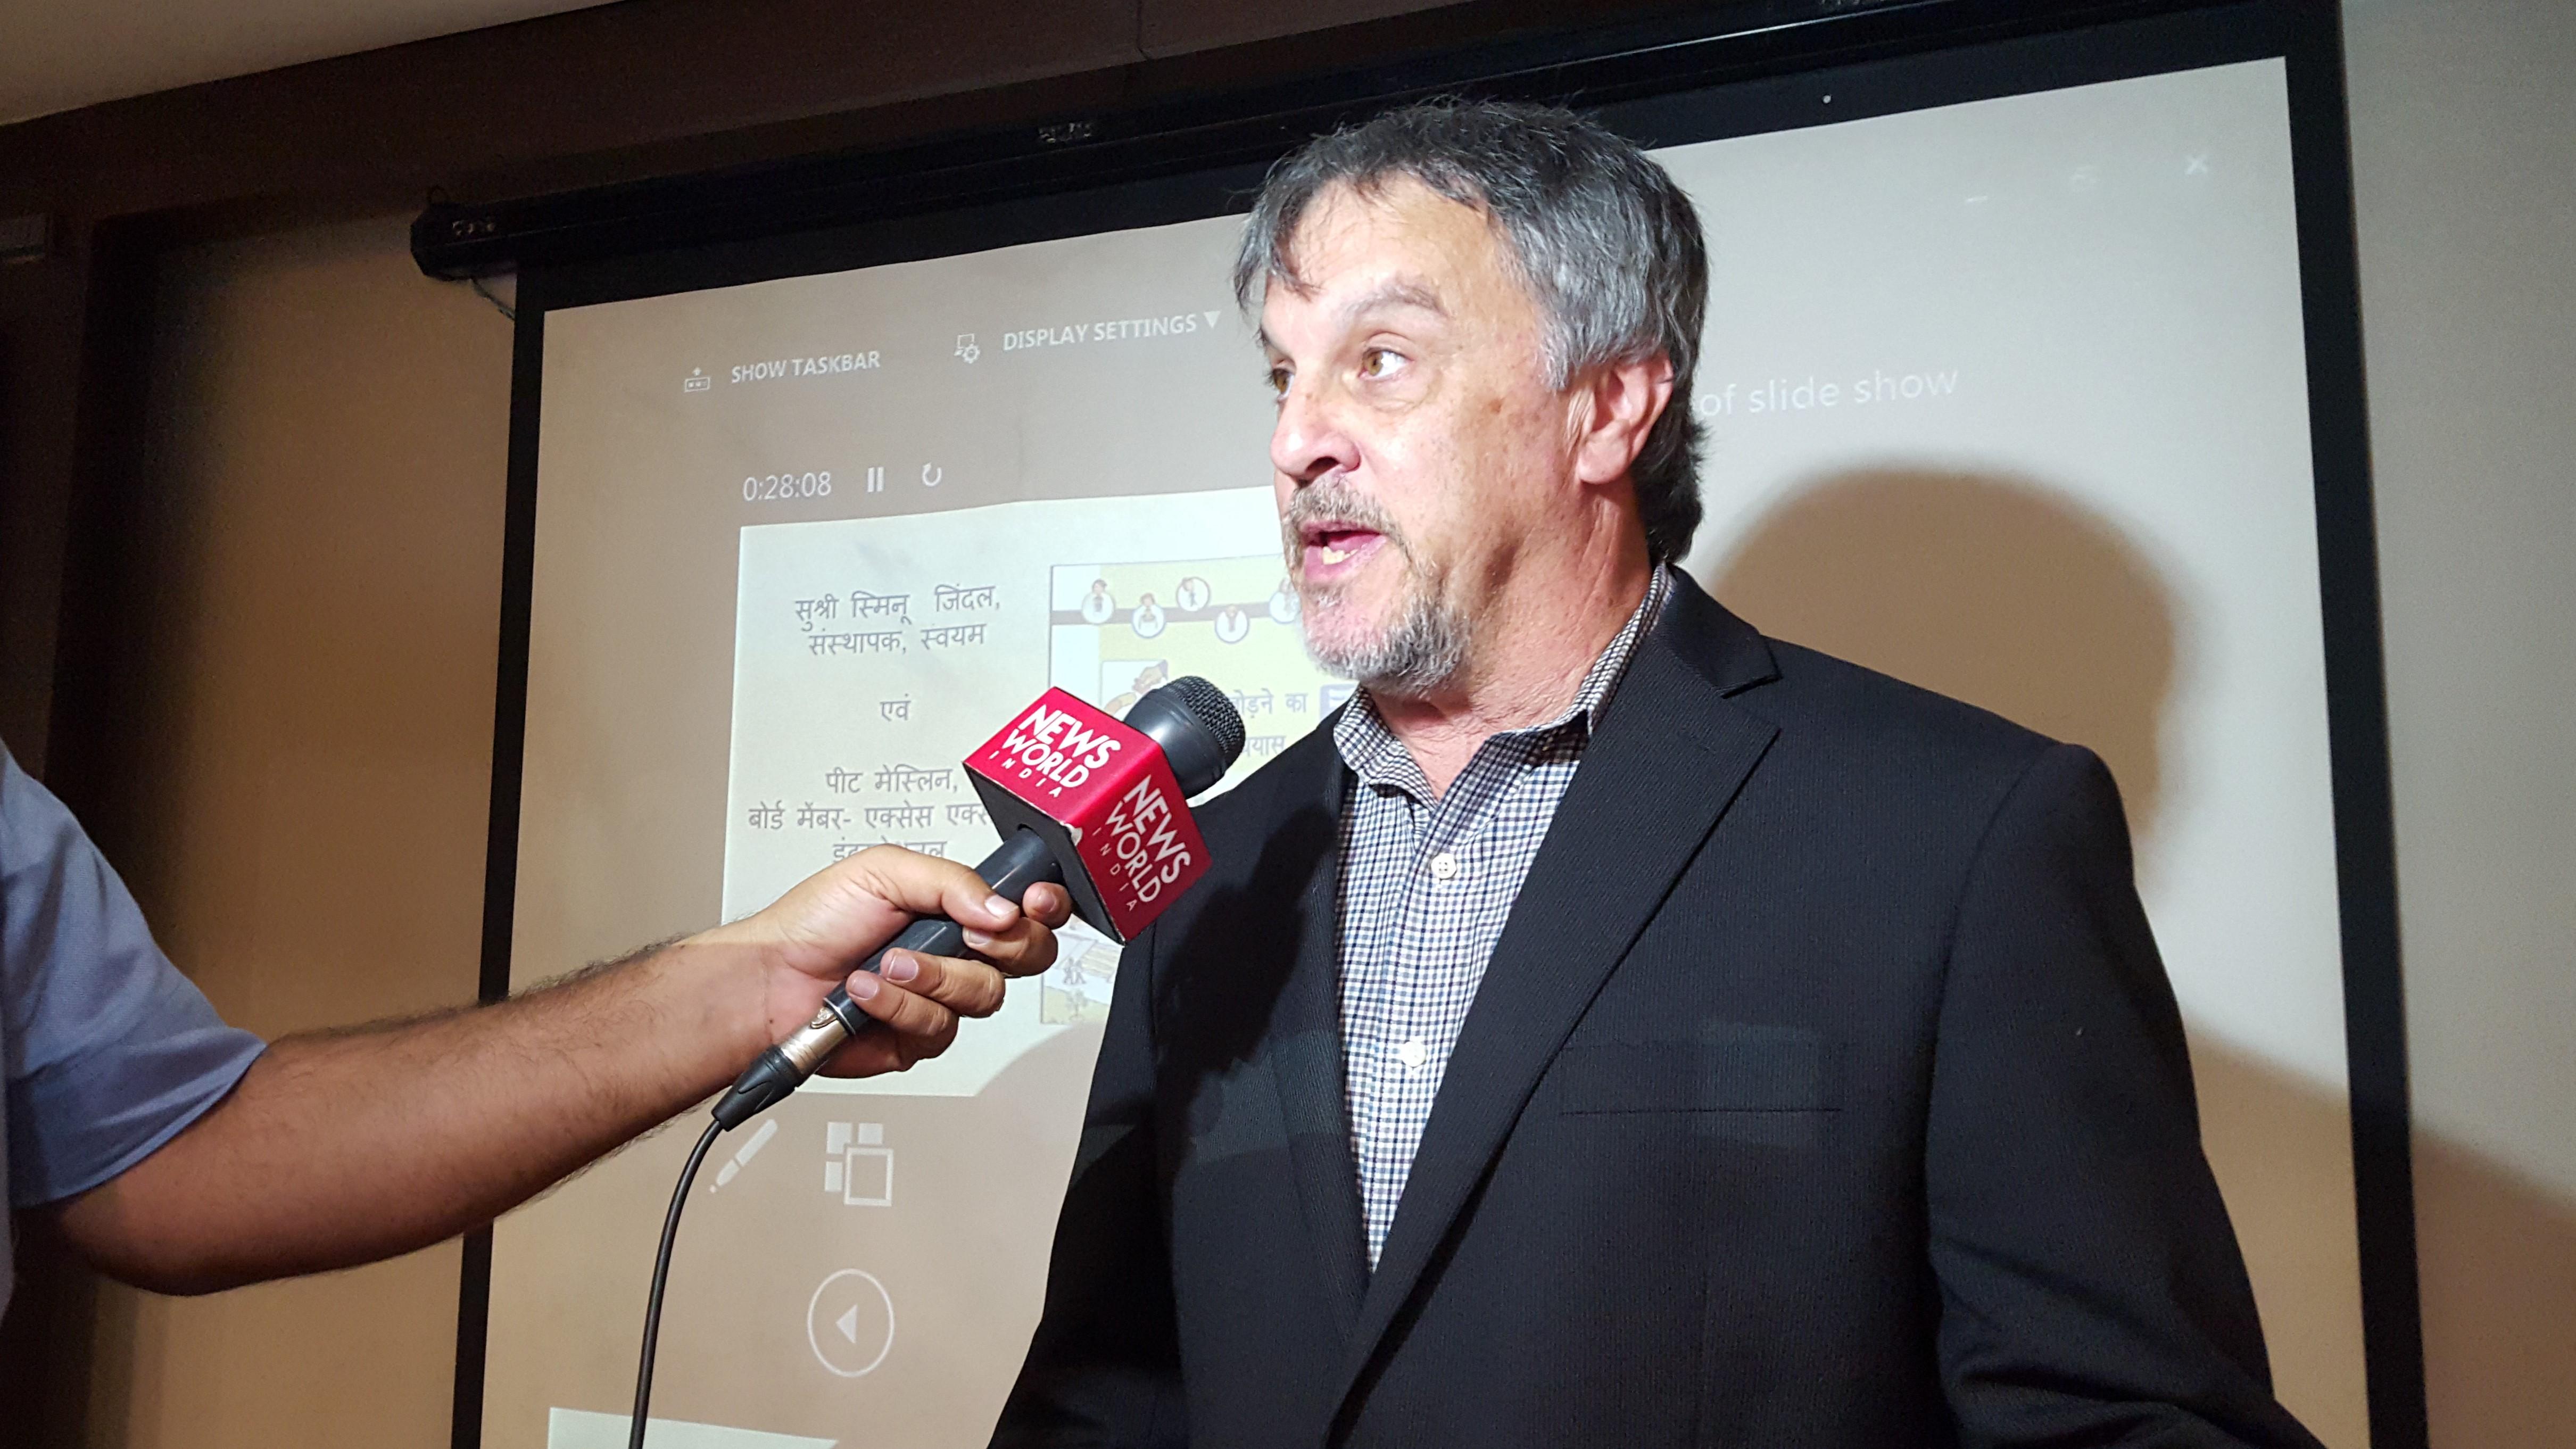 Image of Mr. Pete Meslin speaking